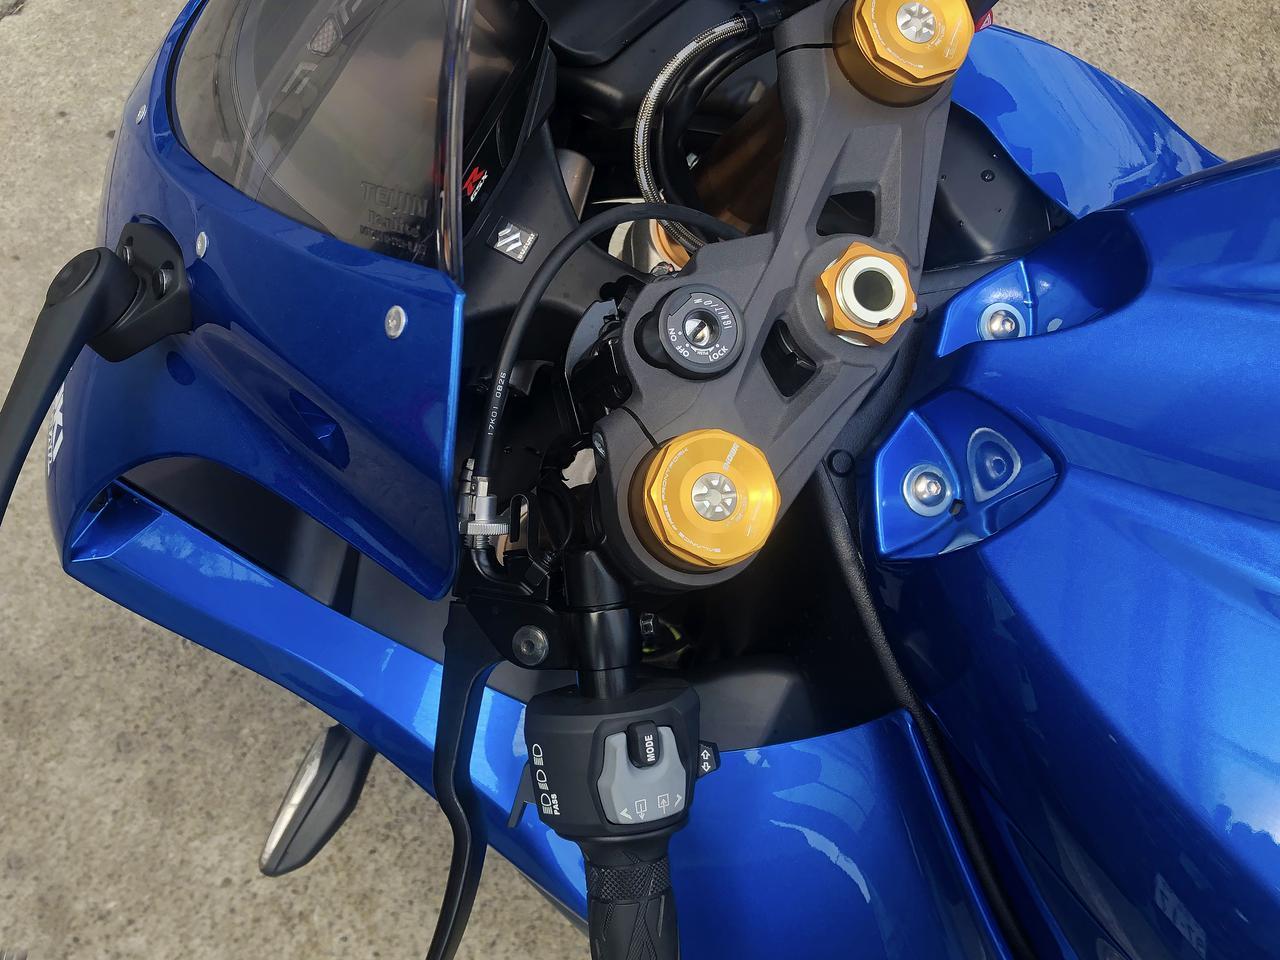 画像4: スズキのバイクにある『謎の穴』の正体は?【スズキ アルティメットクイズ⑦/難易度☆☆】